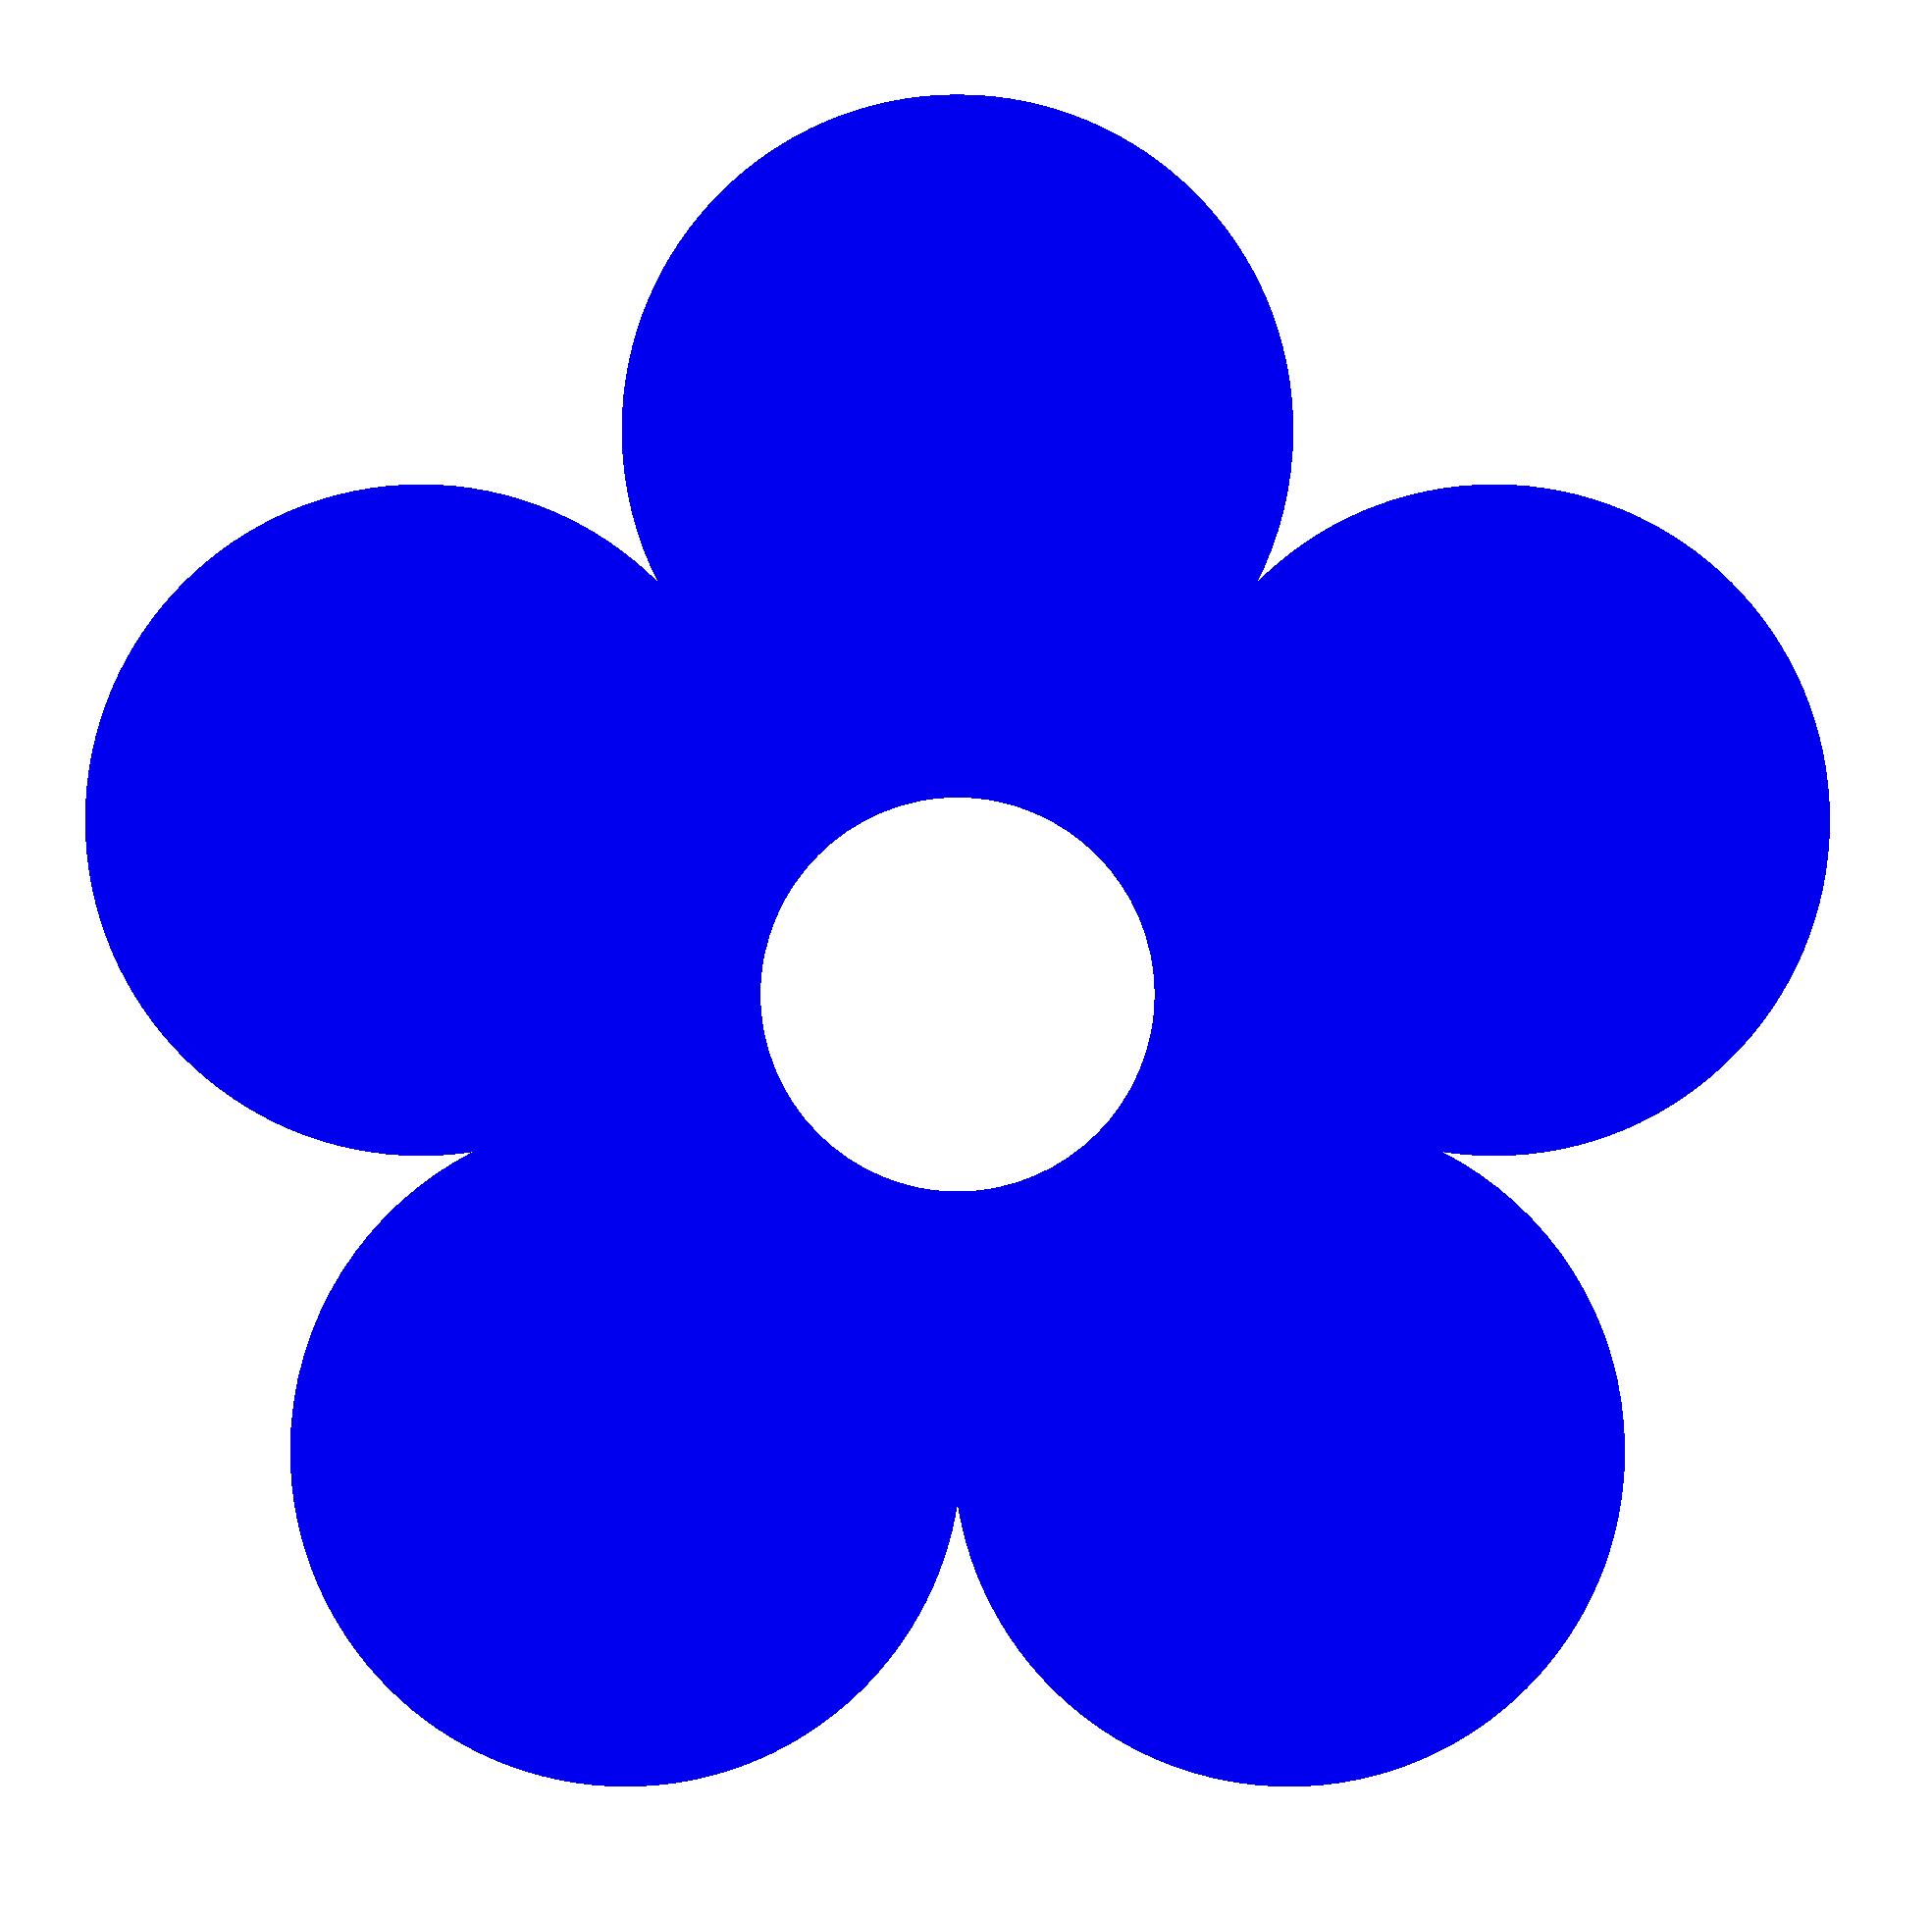 Color blue clipart 3 » Clipart Station.